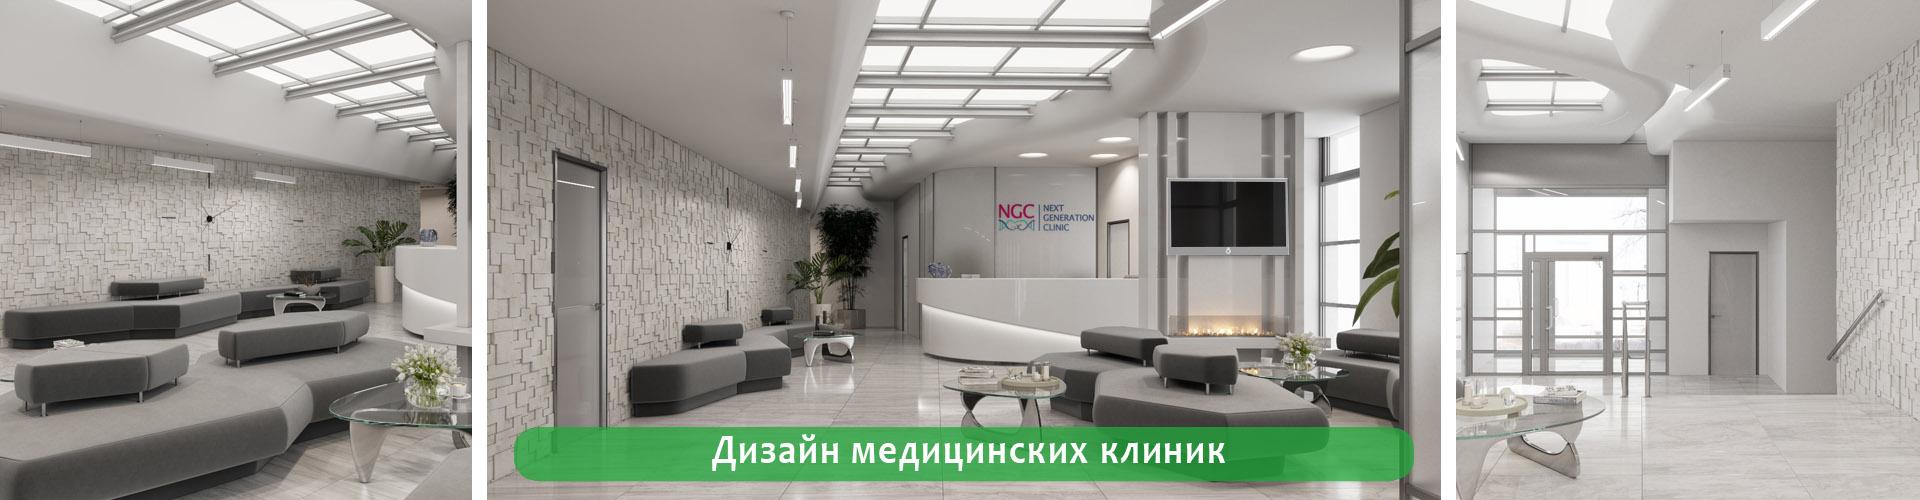 Slider_Design_Klinic